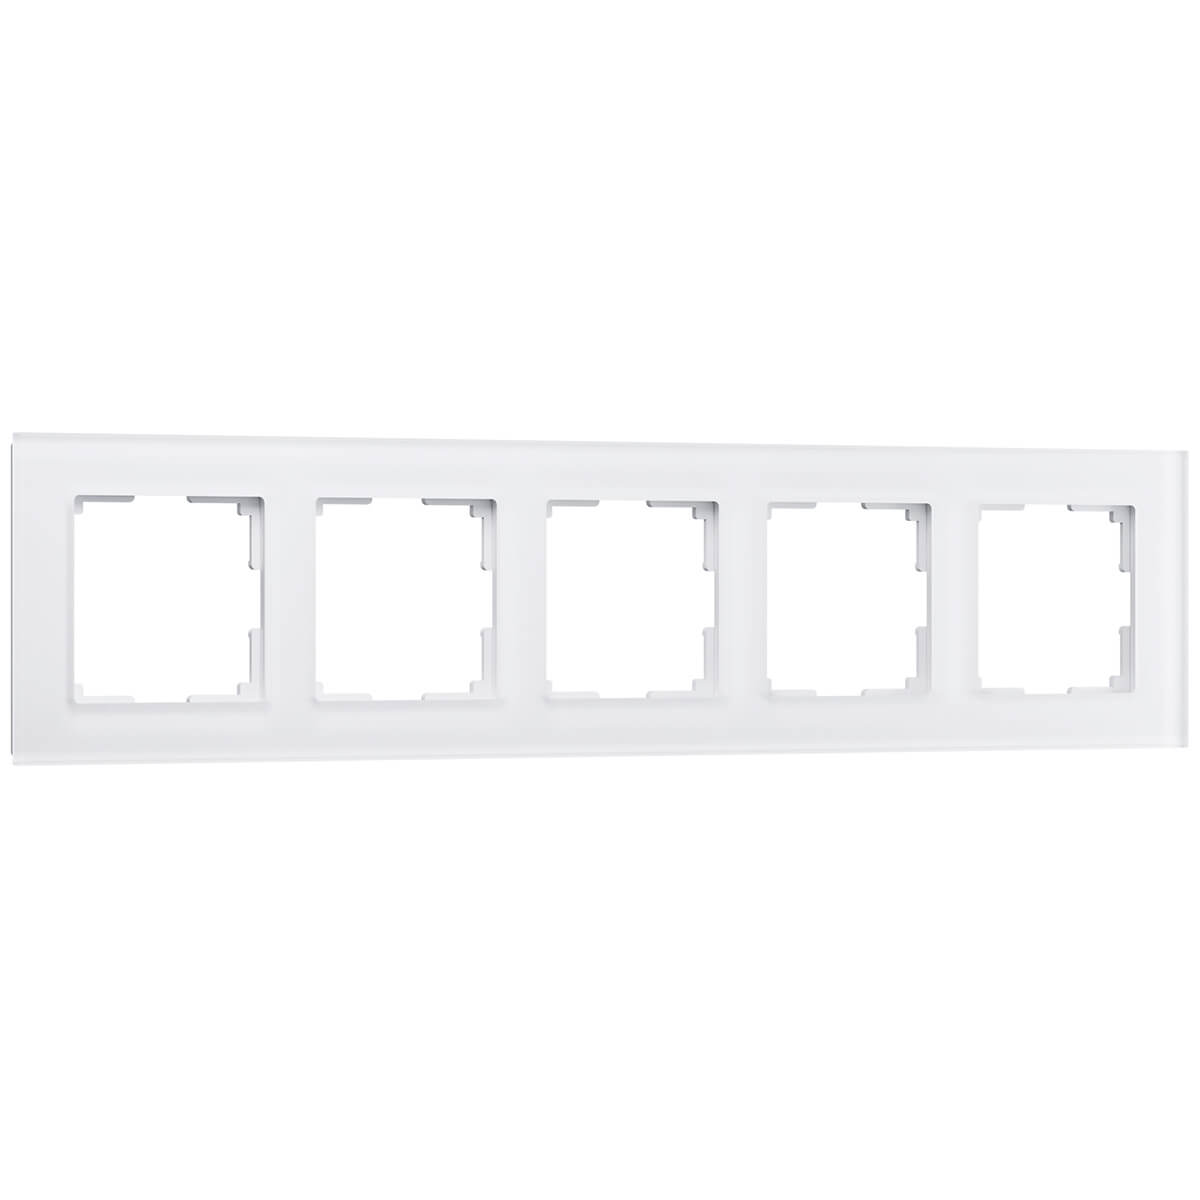 Рамка Favorit на 5 постов белый матовый WL01-Frame-05 4690389098673 цены онлайн